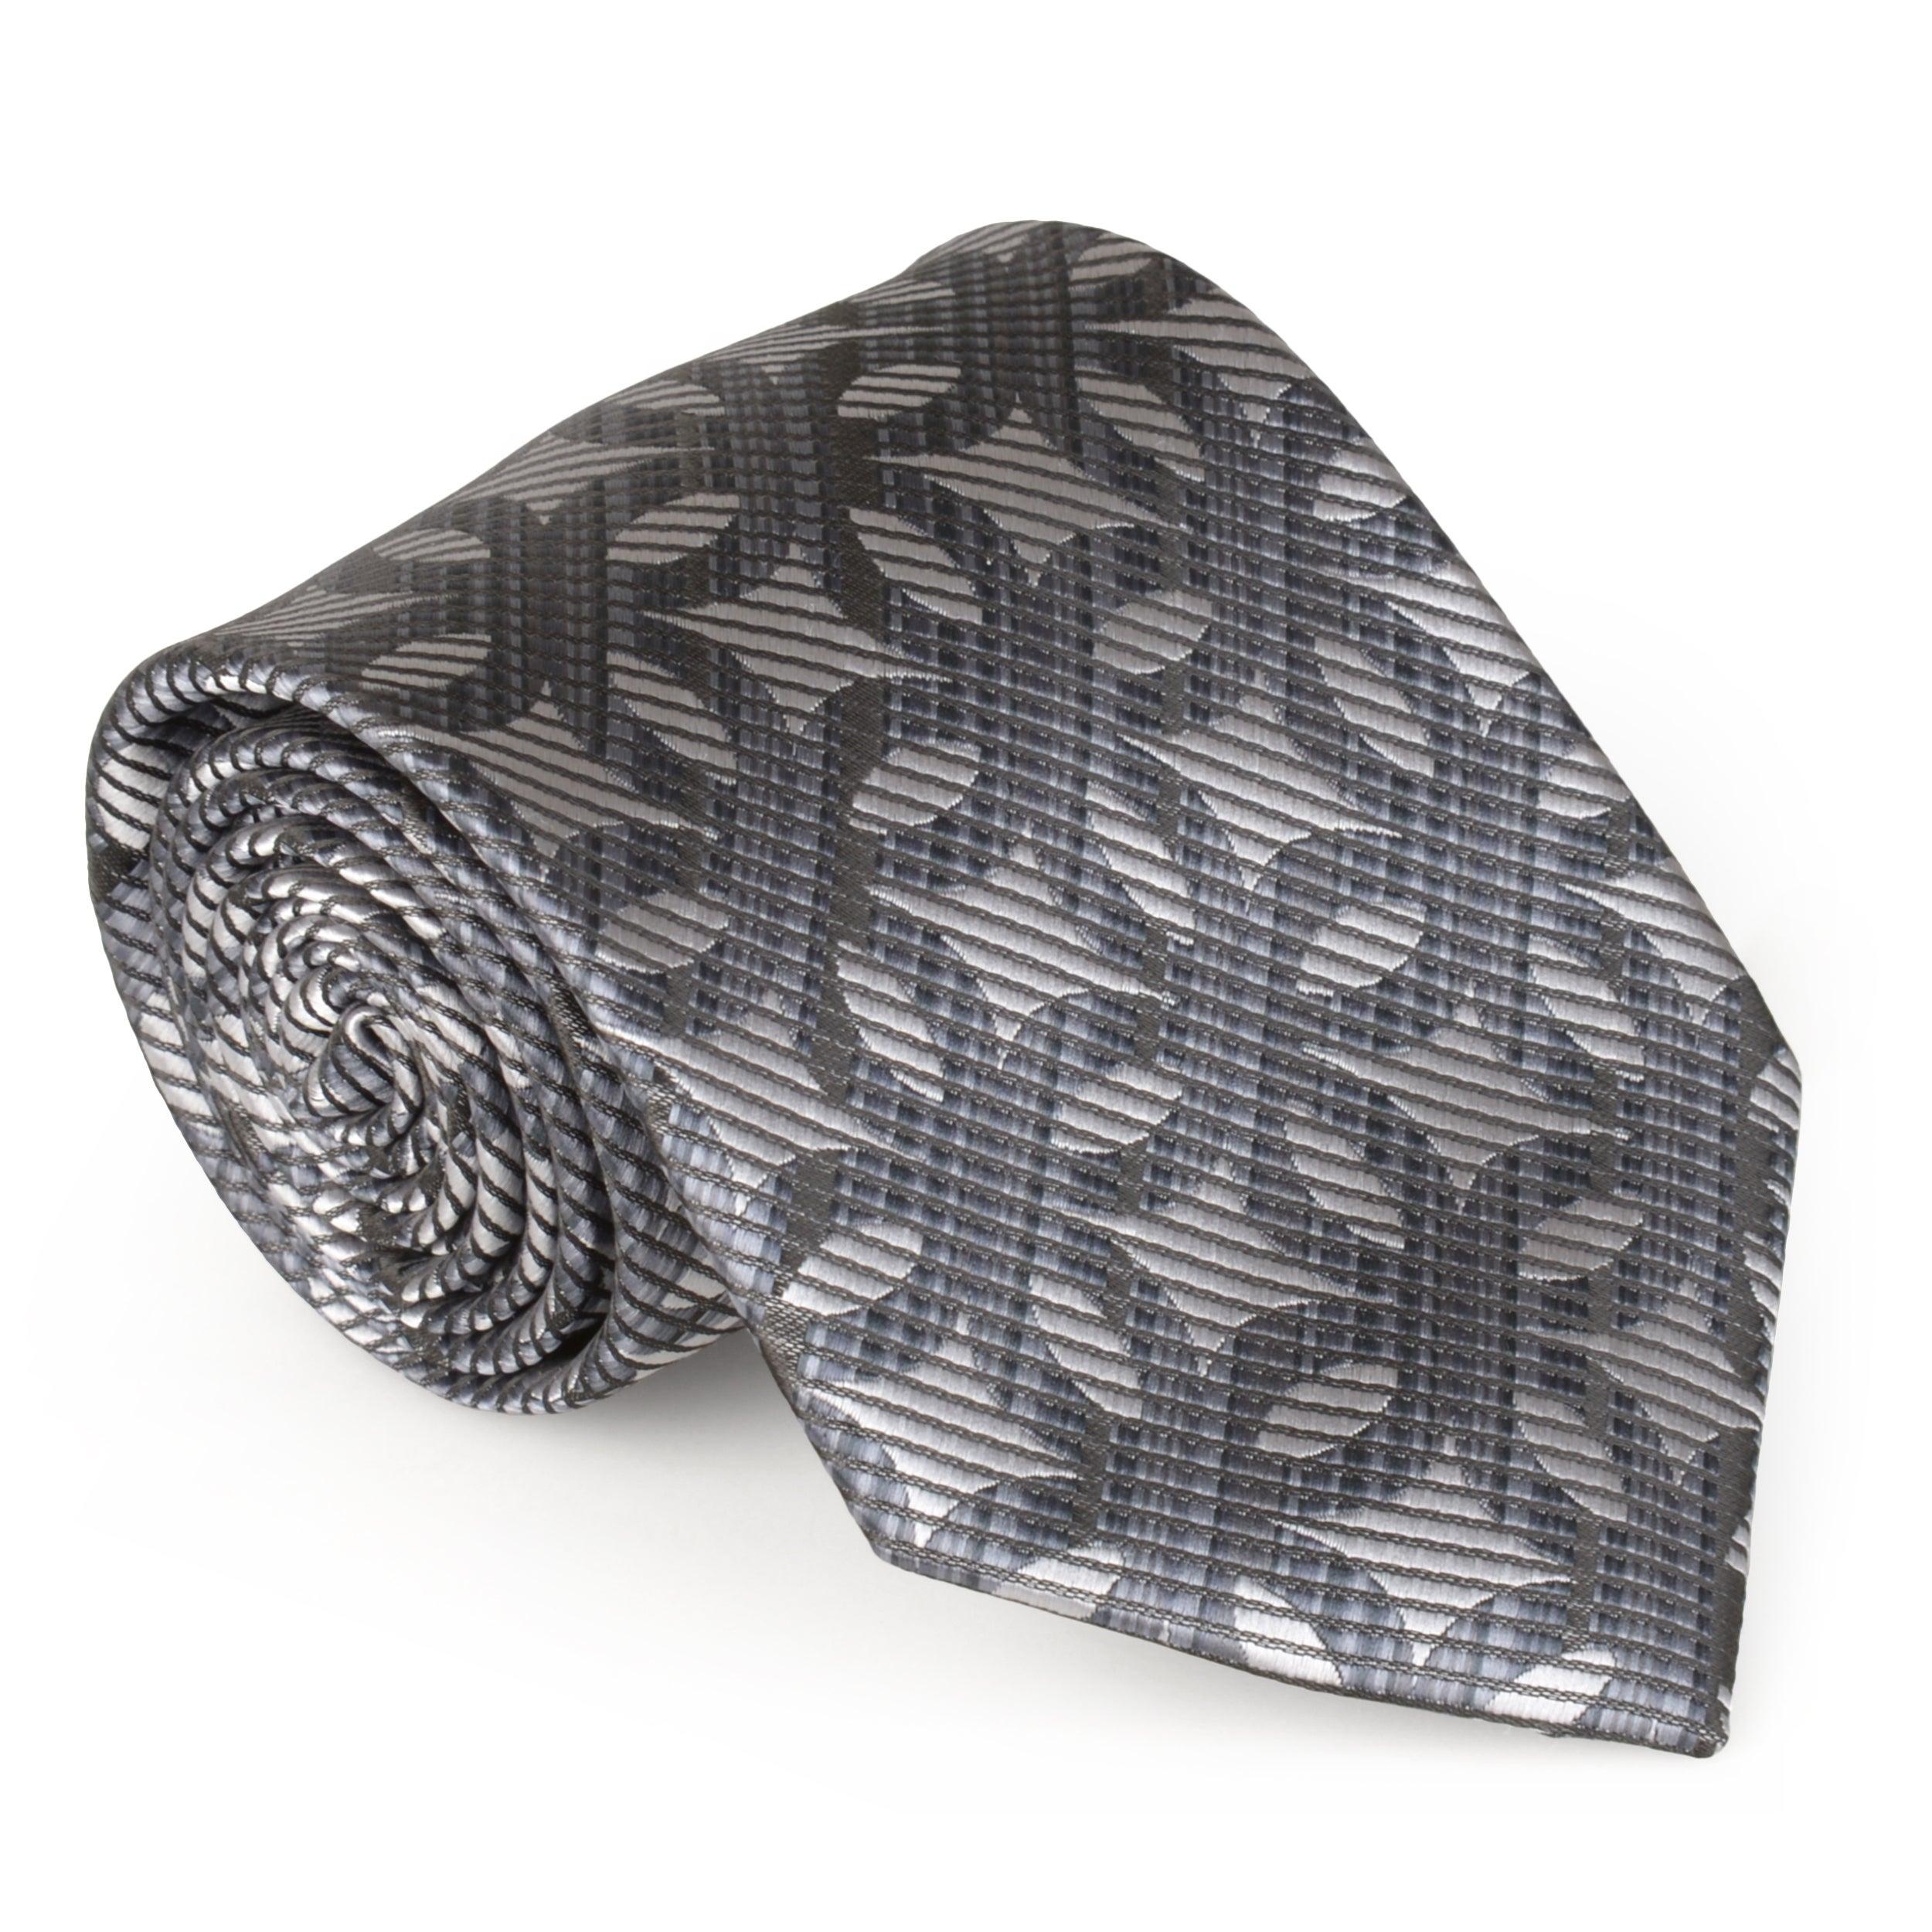 Vance Co. Men's Microfiber Handmade Tie and Hanky Set